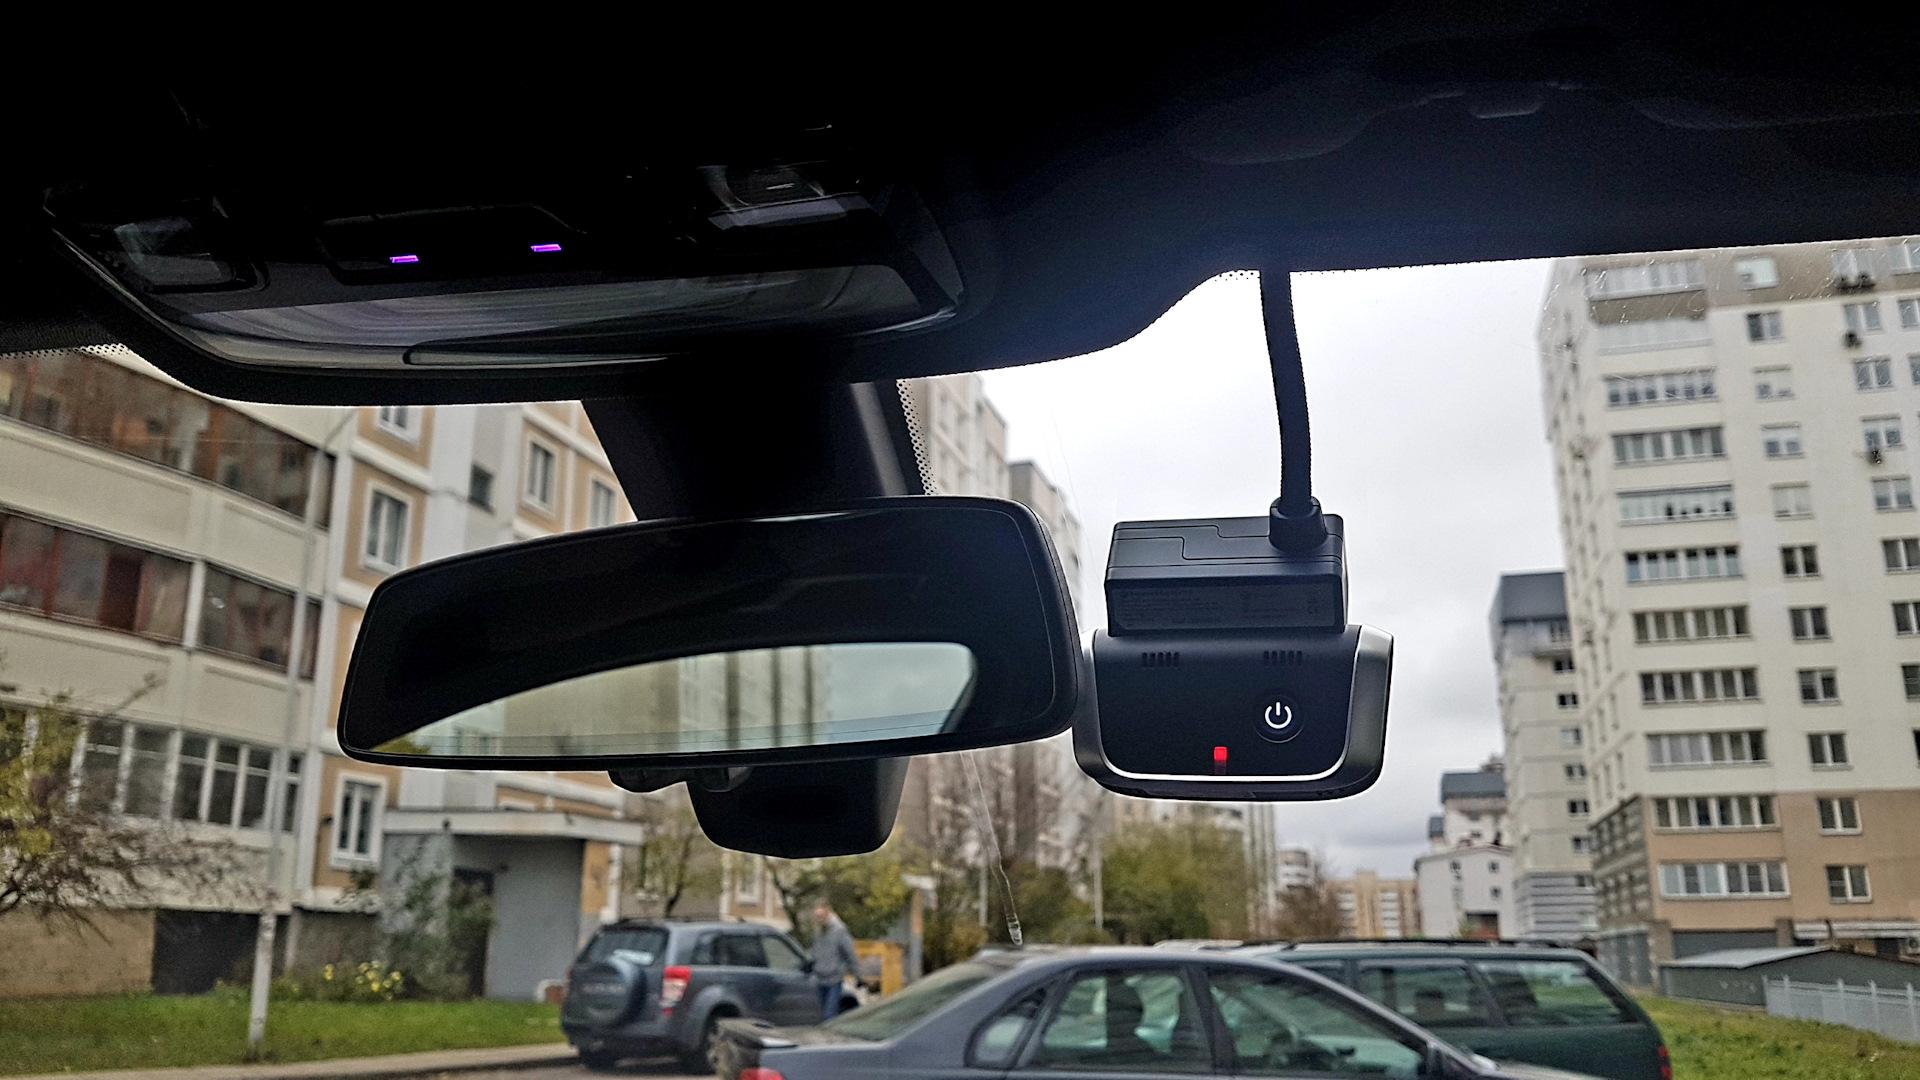 Setki V Nozdri I Ustanovka Videoregistratora Bmw Advanced Car Eye